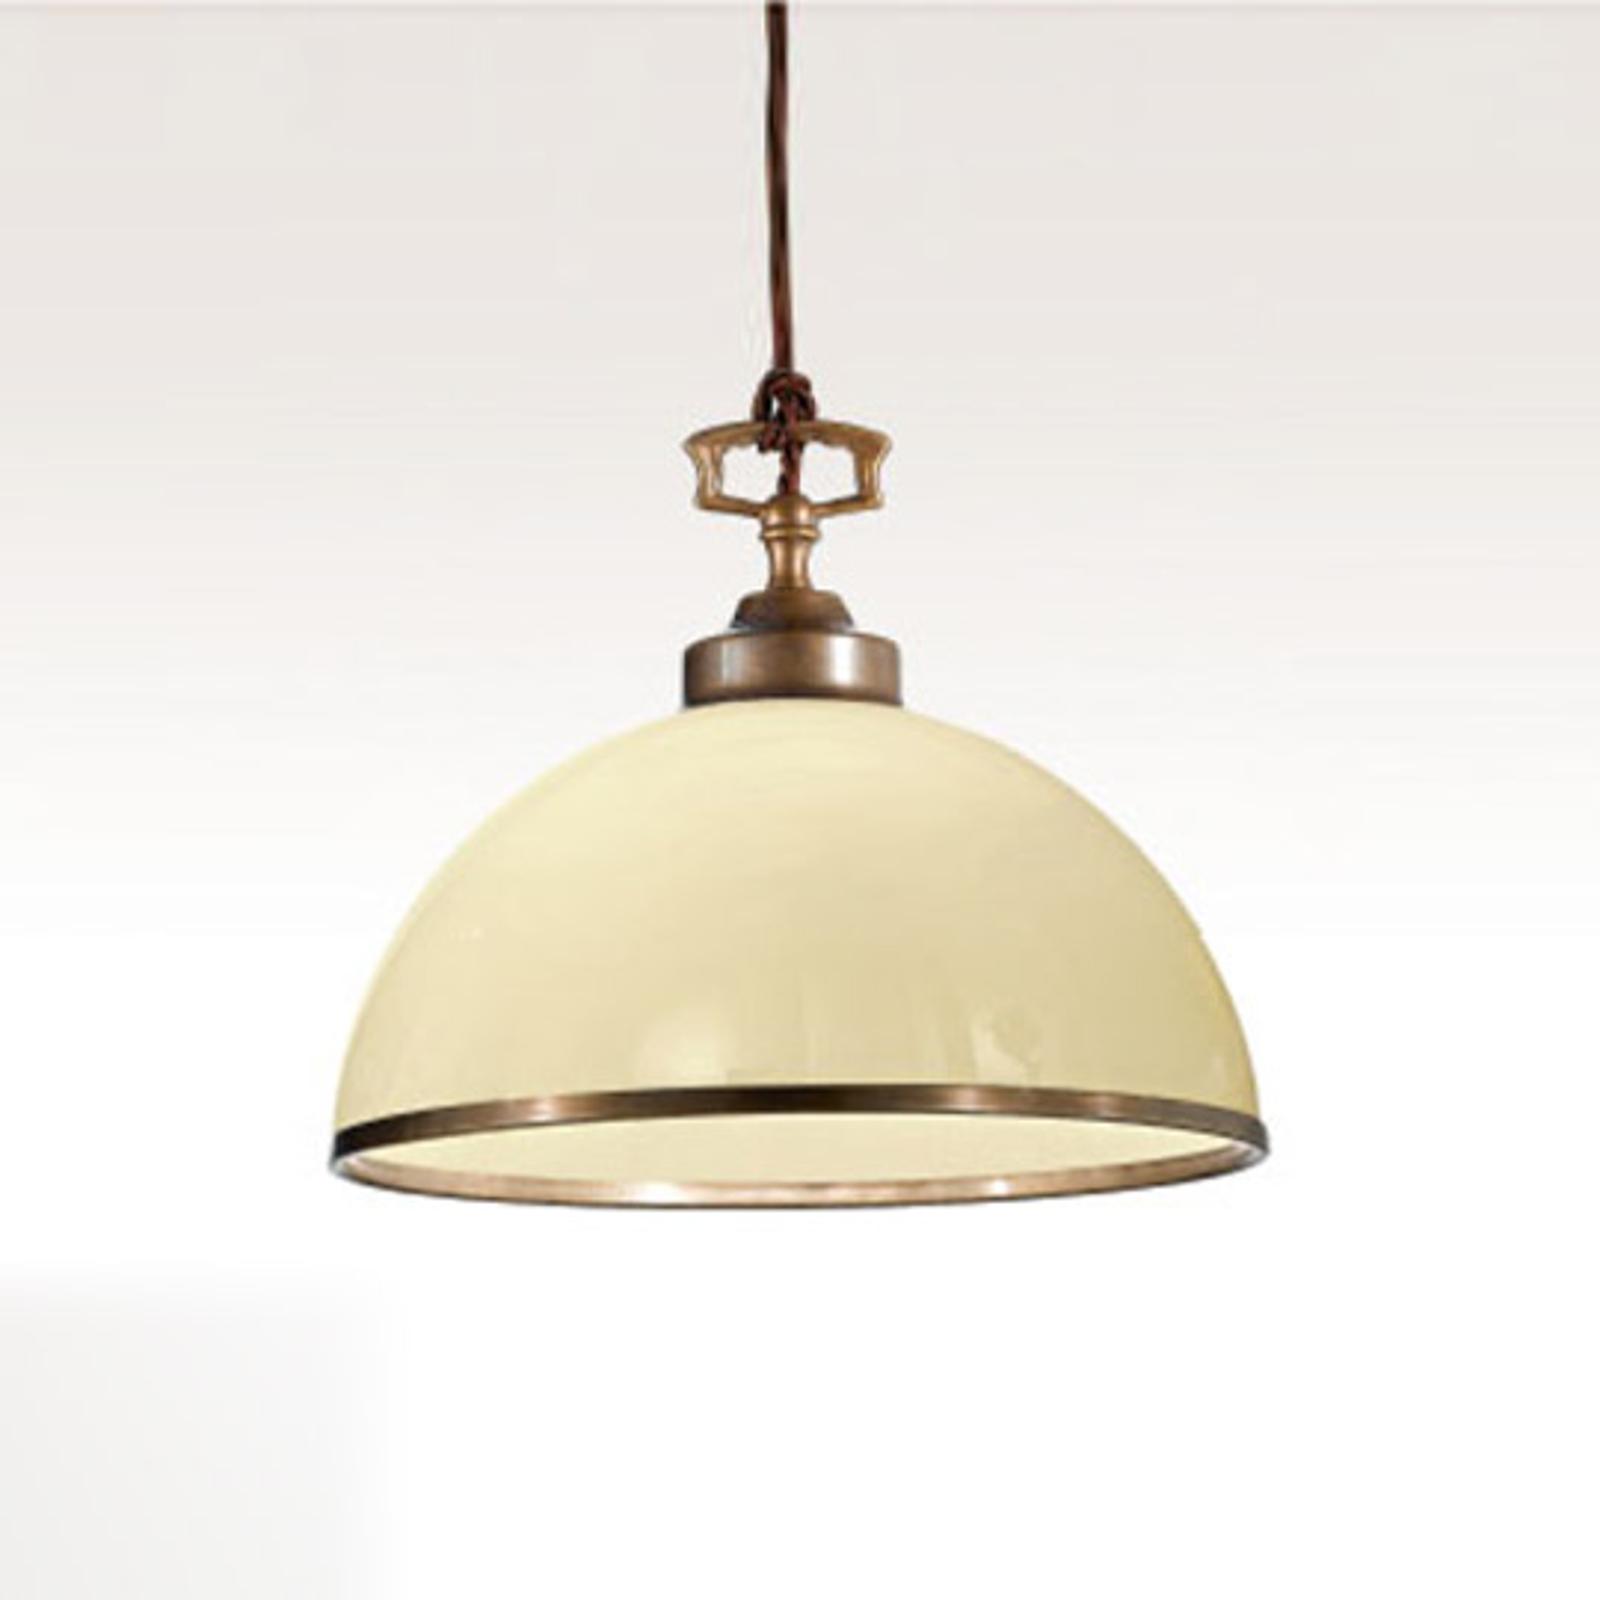 Mooi gevormde hanglamp La Botte ivoor